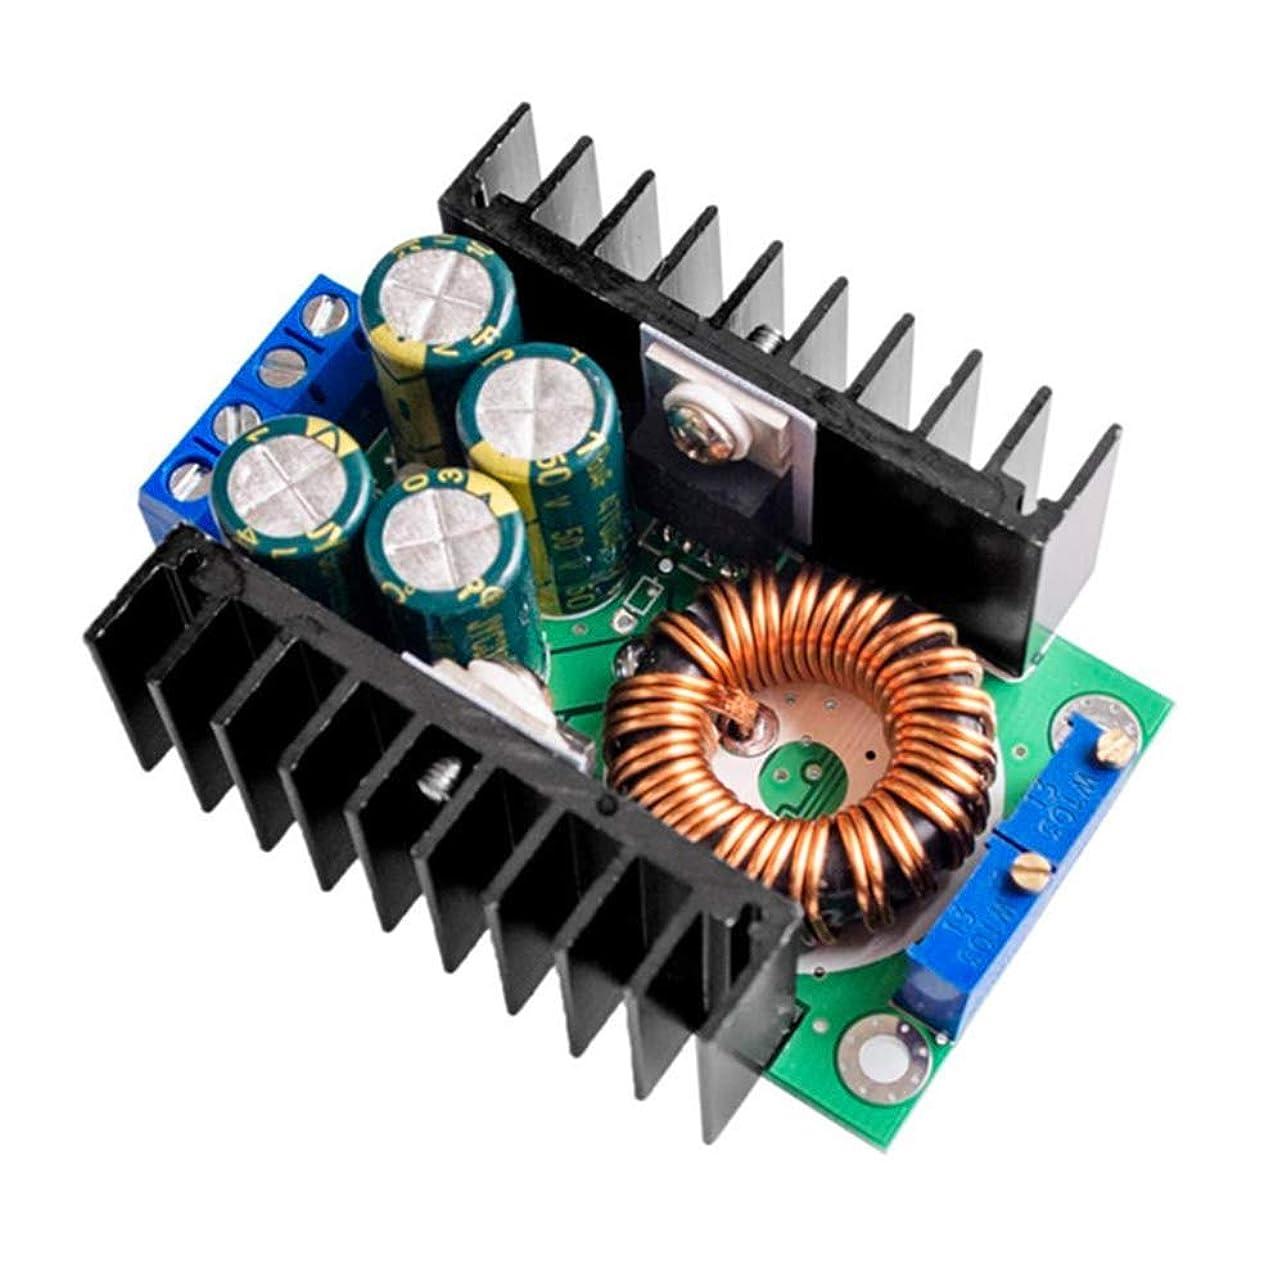 近傍どこにも出来事Funtoget パワーモジュール、ヒートベッドパワーモジュール、充電モジュール、降圧型コンバータ、DC-DC CC CV降圧型コンバータ降圧型電源モジュール7-32V?0.8-28V 12A 300W